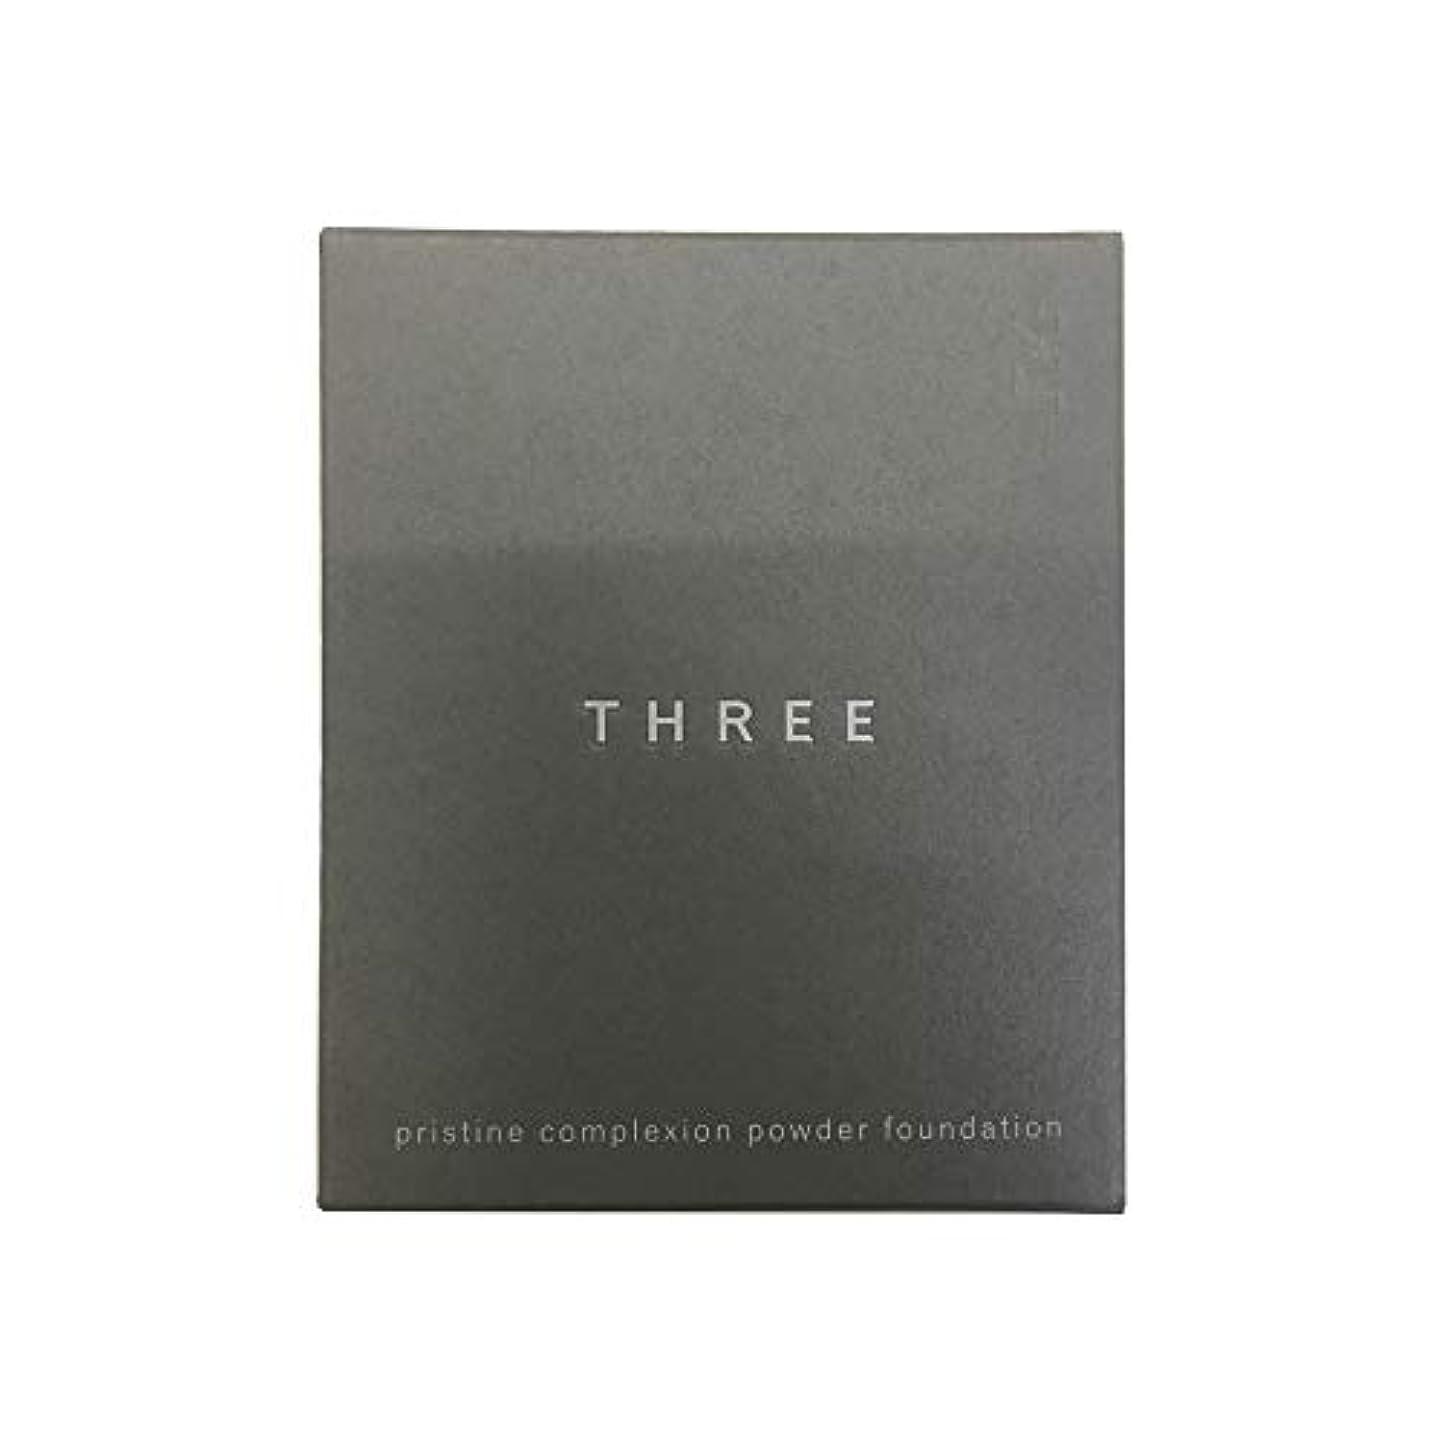 THREE(スリー) プリスティーンコンプレクションパウダーファンデーション #203(リフィル) [ パウダーファンデーション ] [並行輸入品]